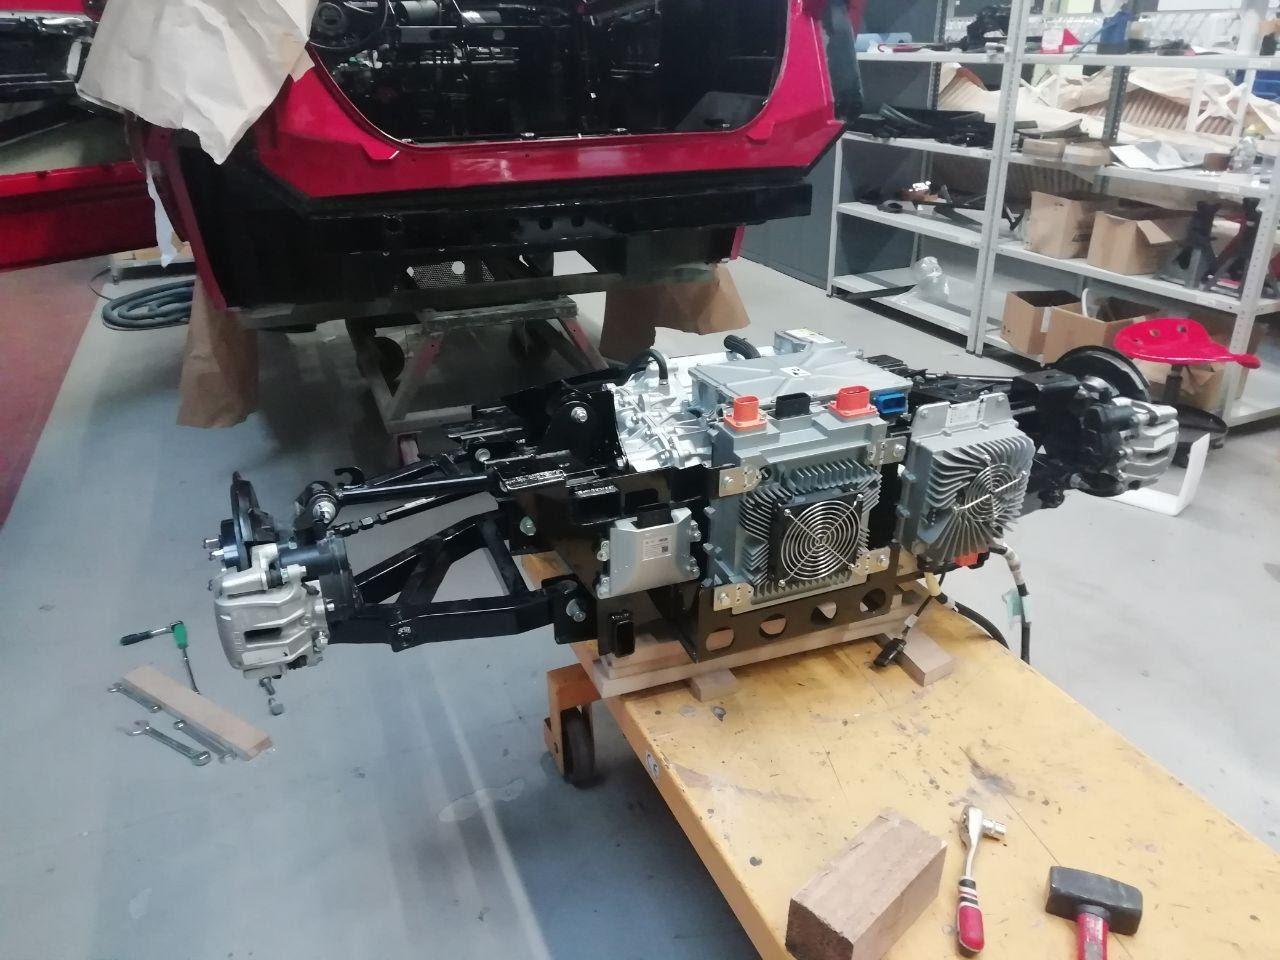 Задняя многорычажная подвеска в сборе с мотором и установленными элементами высоковольтного оборудования